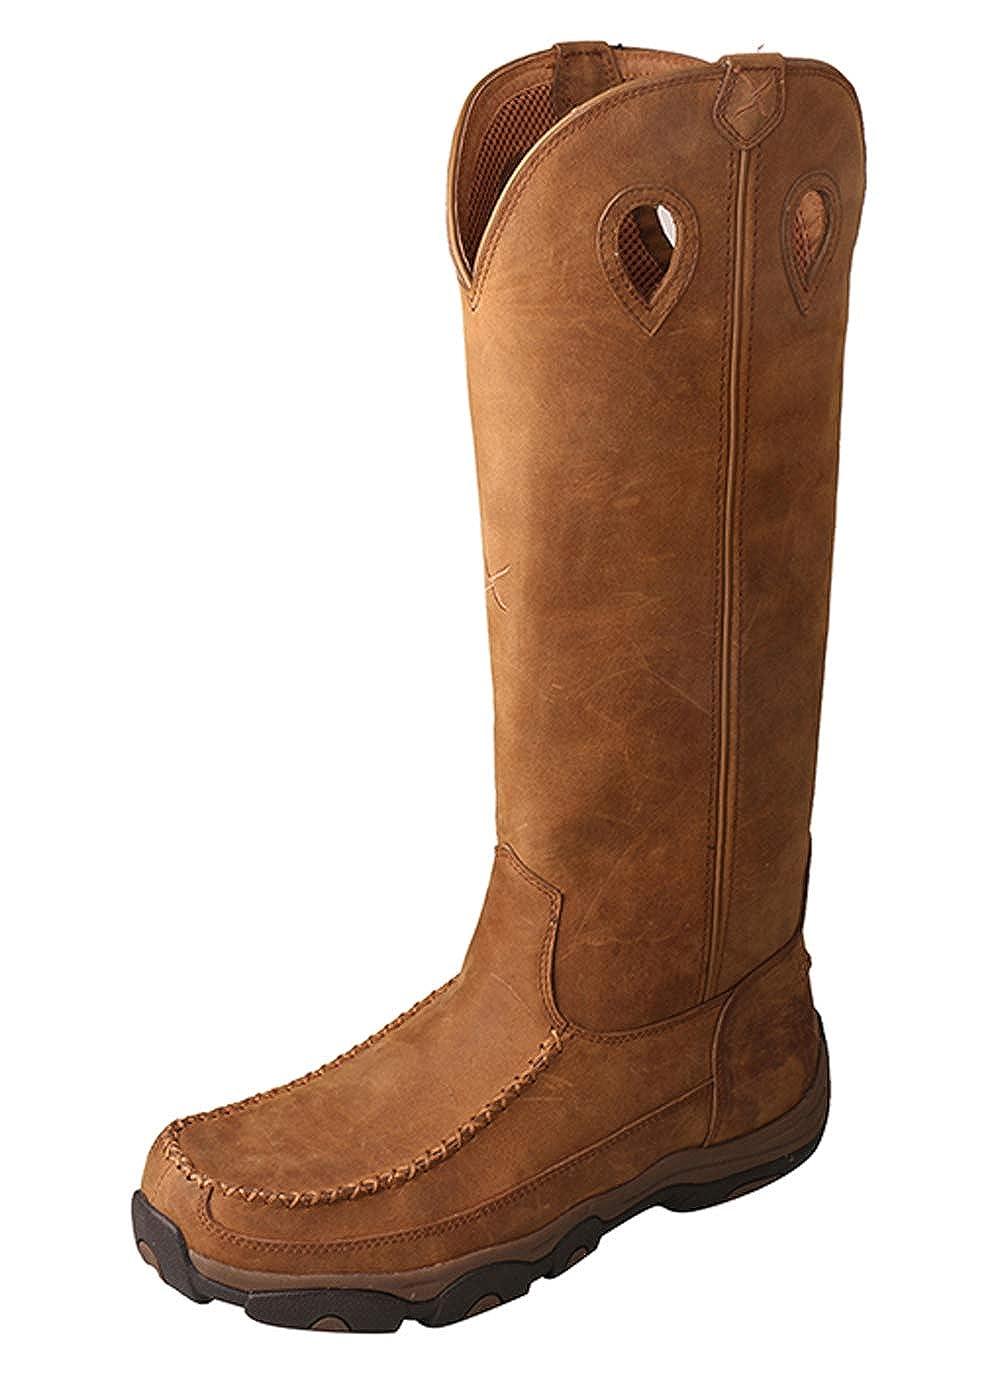 人気ブランドの [Twisted X] メンズ B07DVCDSNK 13 W|Distressedsaddle/Saddle Distressedsaddle/Saddle 13 W, フェトデポムりんごの宴 c791bb87